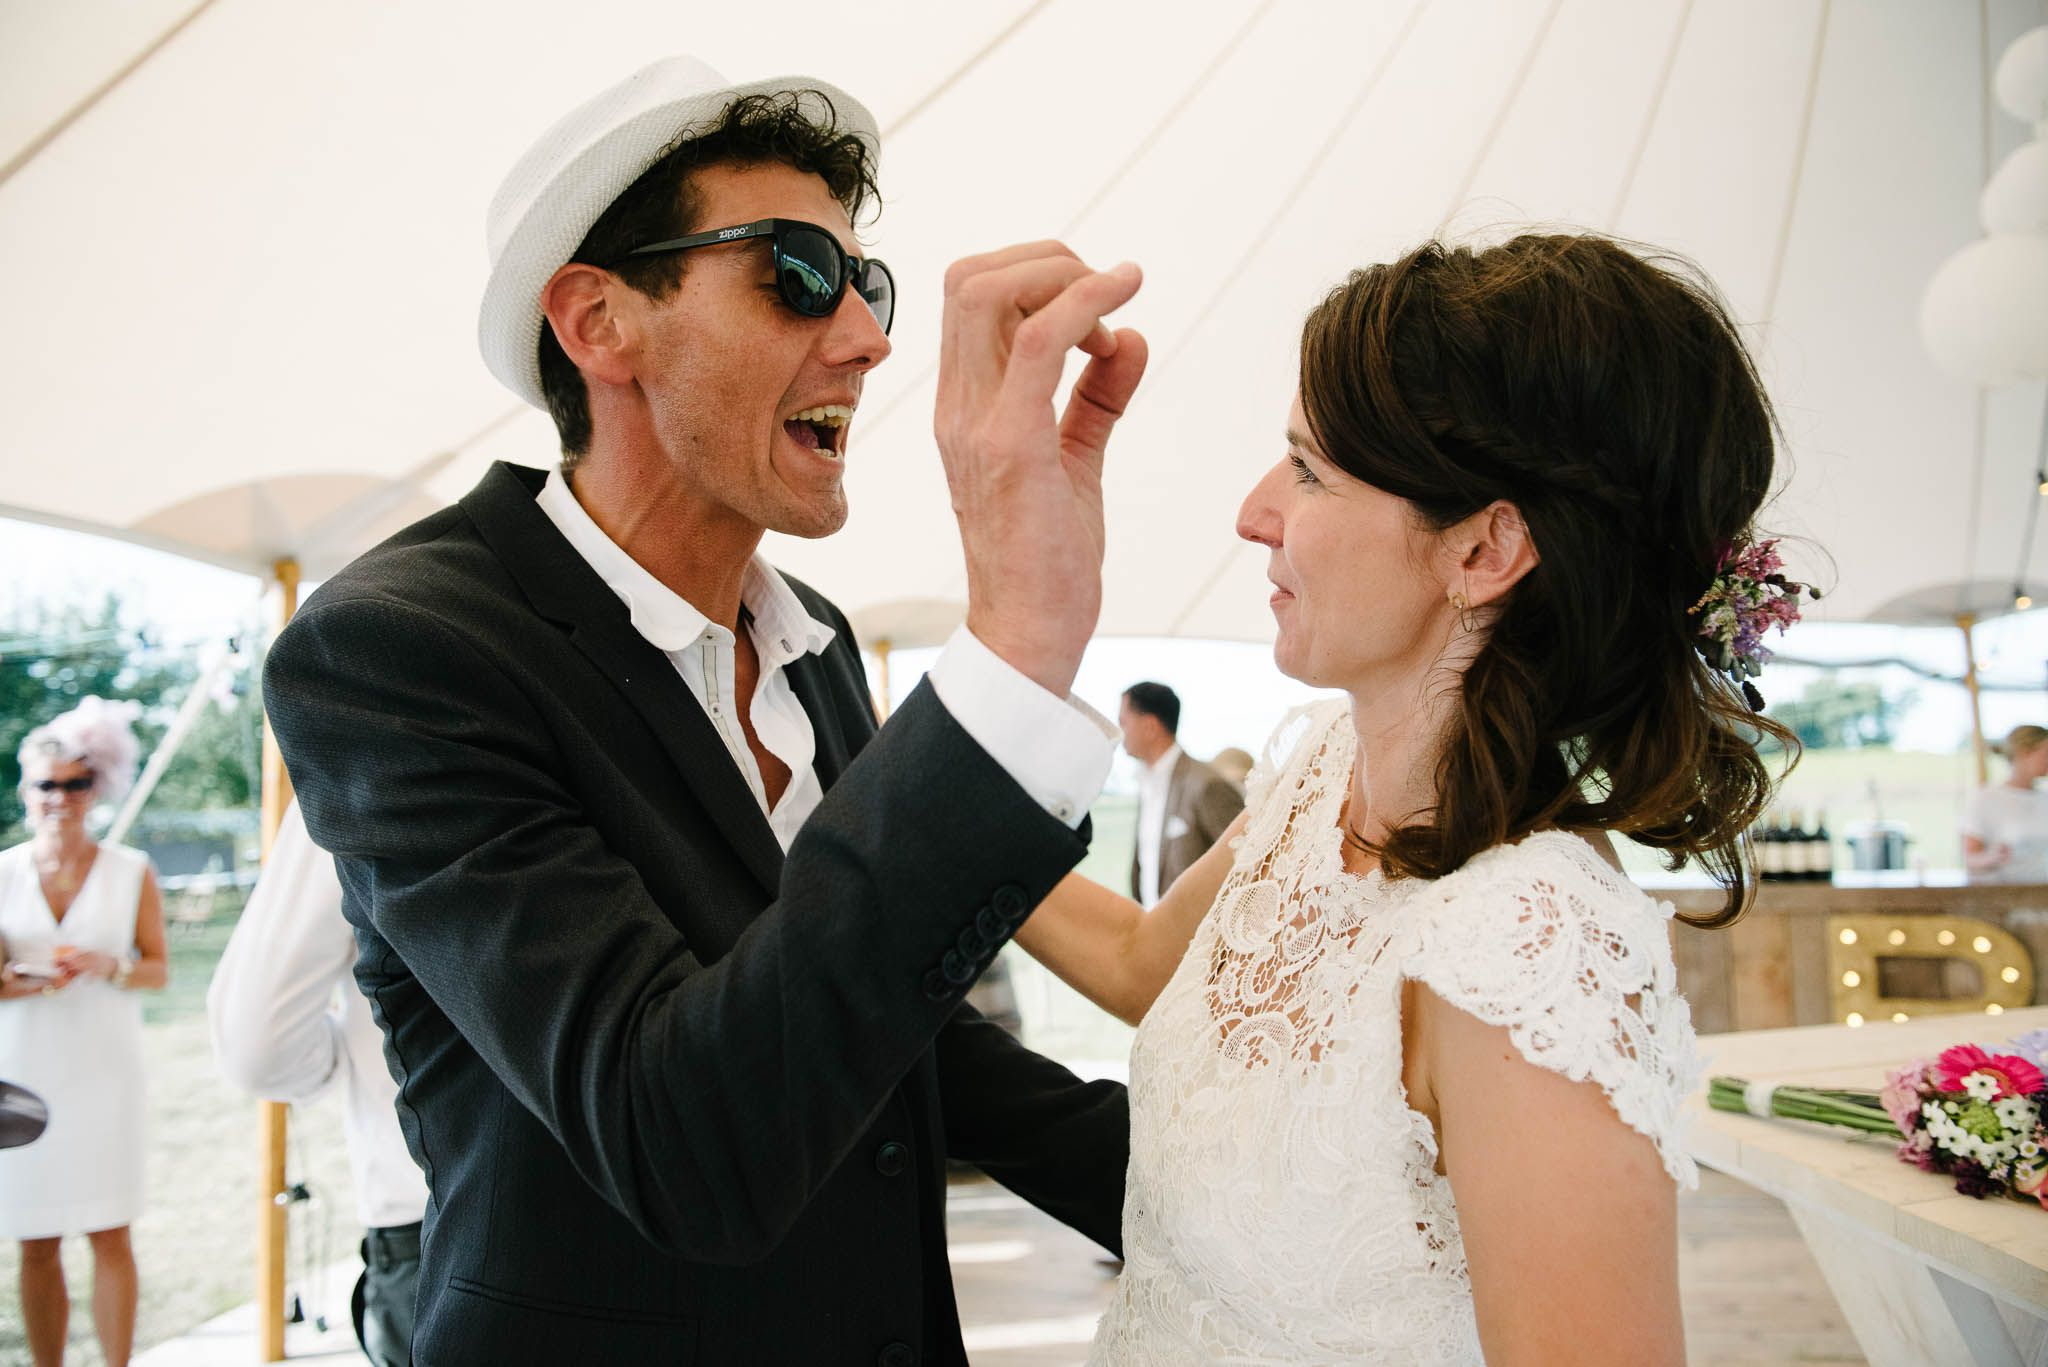 originele trouwfoto's spontaan journalistiek buiten trouwen